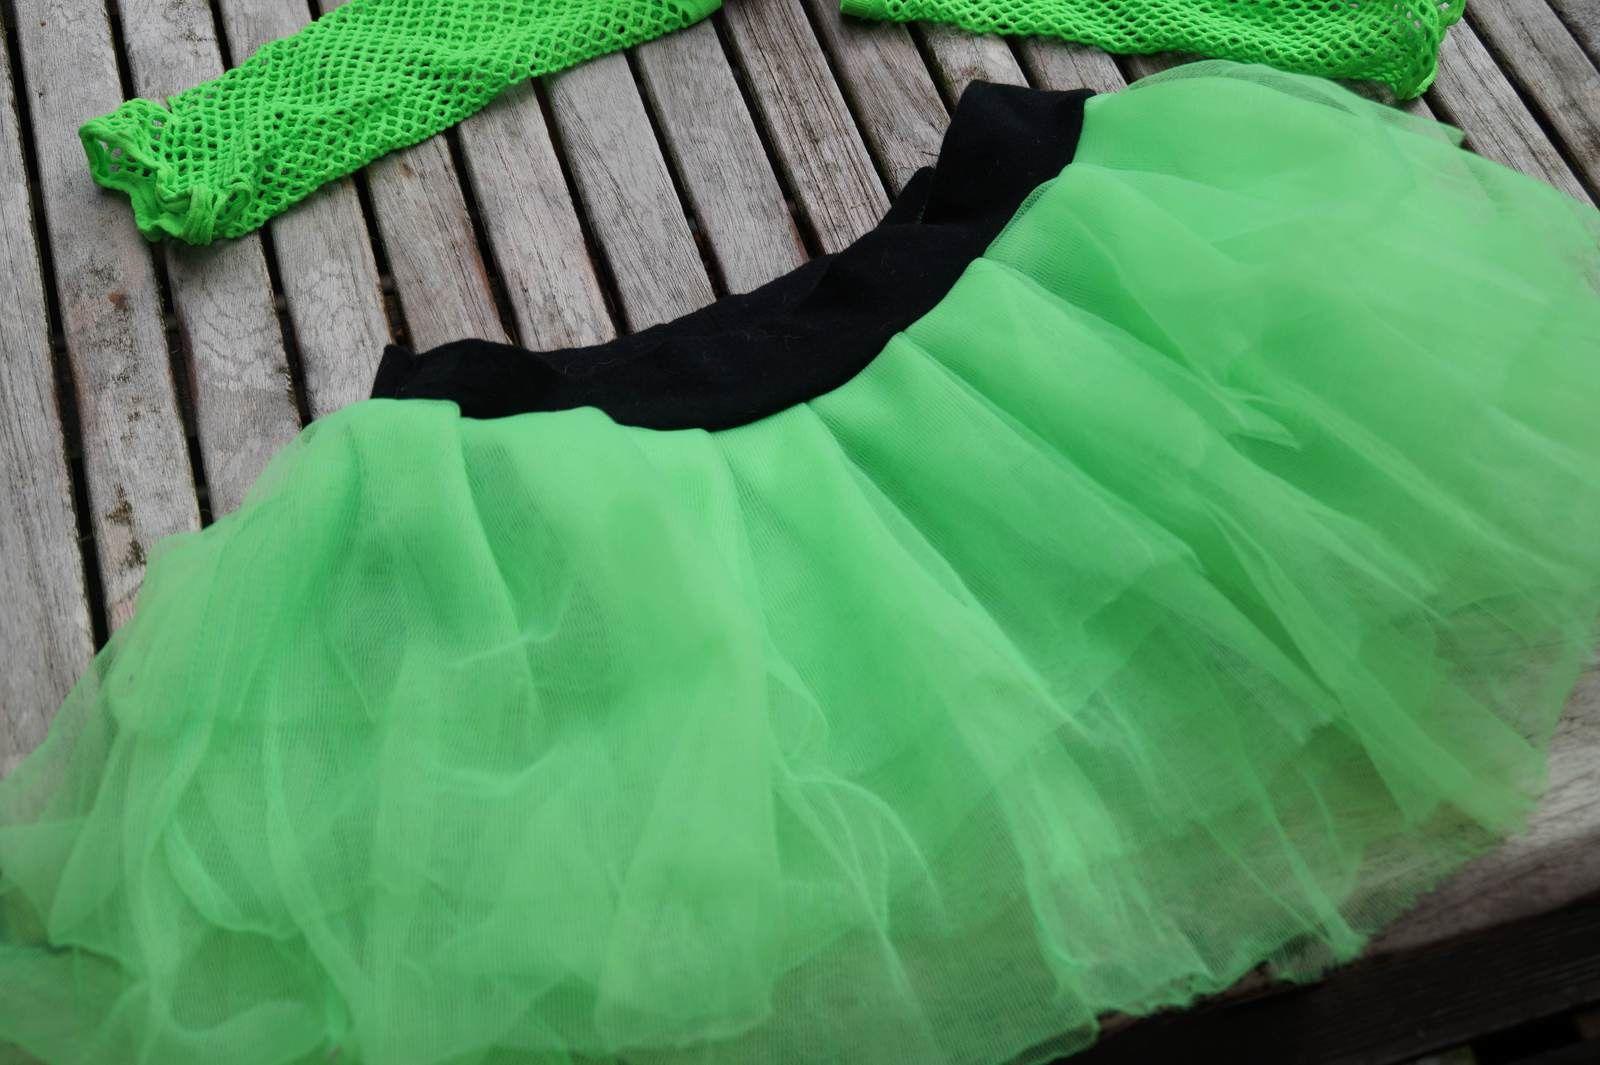 un tutu vert taille S que j'ai rétréci pour qu'il aille à Elli, et des mitaines en résille verte (achetés chez Claire's)